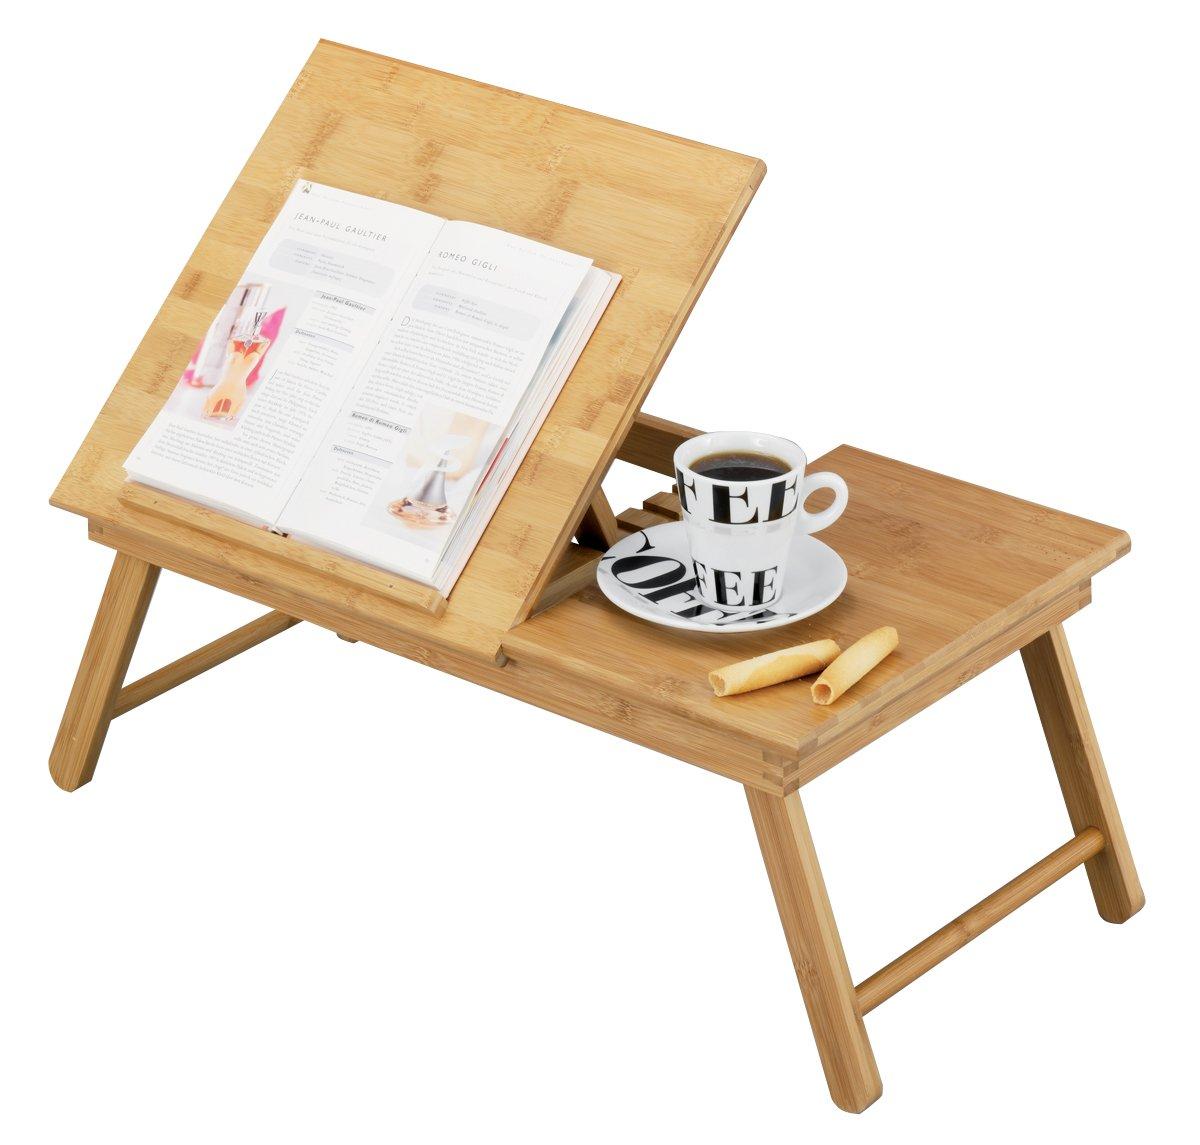 Leggio da letto tutte le offerte cascare a fagiolo for Tavolo scorrevole letto ikea